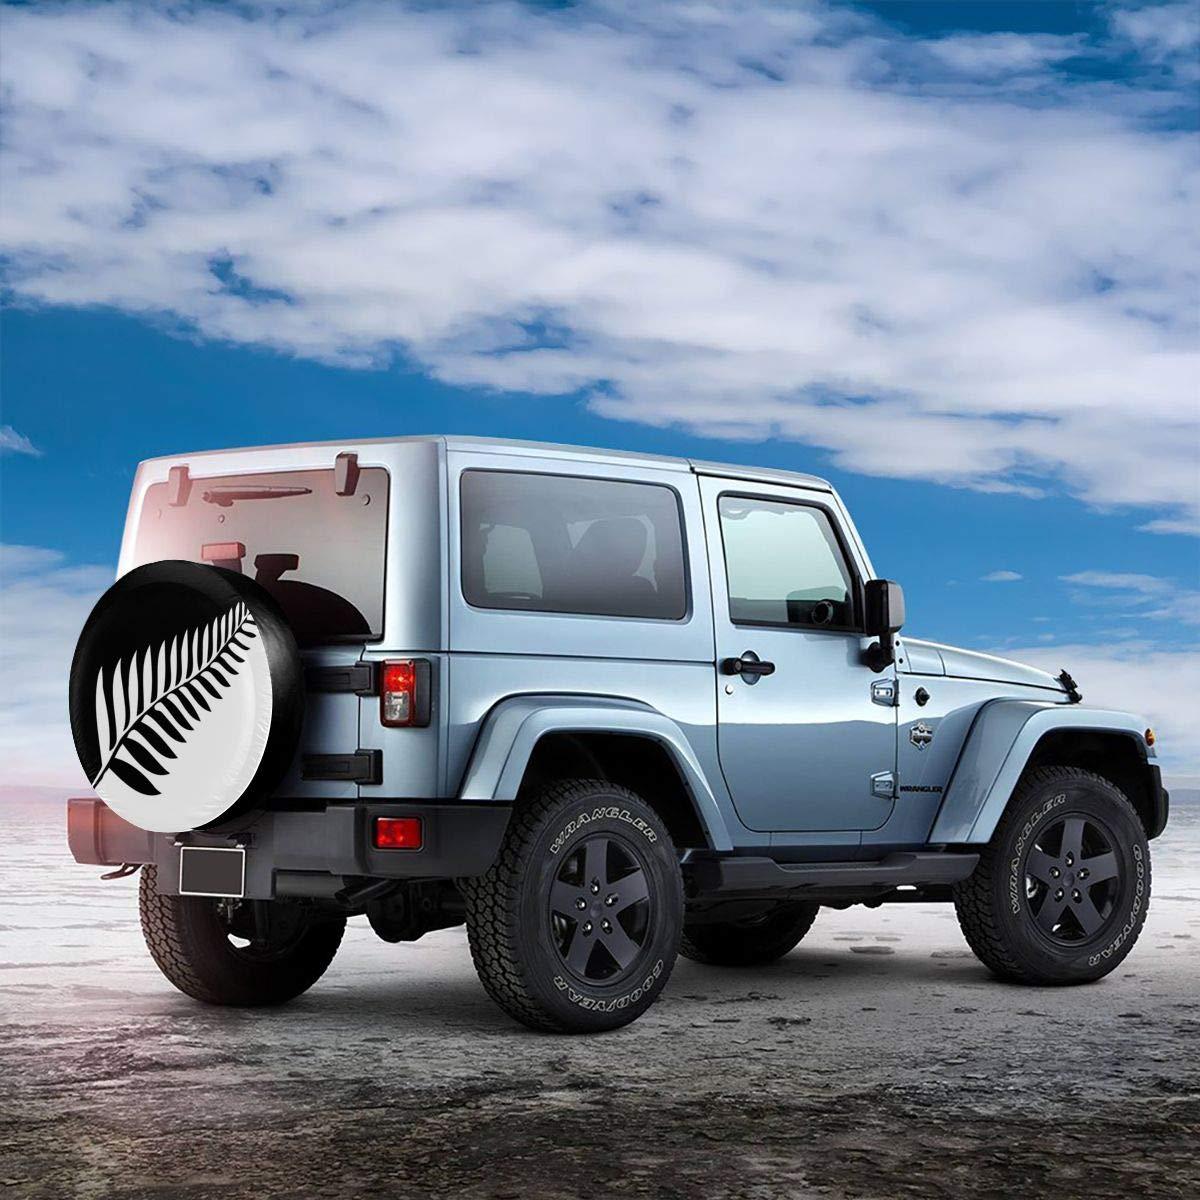 camionnette RV SUV Cocoal-ltd Housse de Roue de Secours Universelle en Forme de foug/ère de Nouvelle-Z/élande pour Camion remorque diam/ètre 68,6-73,7 cm Accessoires 38,1 cm Jeep Camping-Car